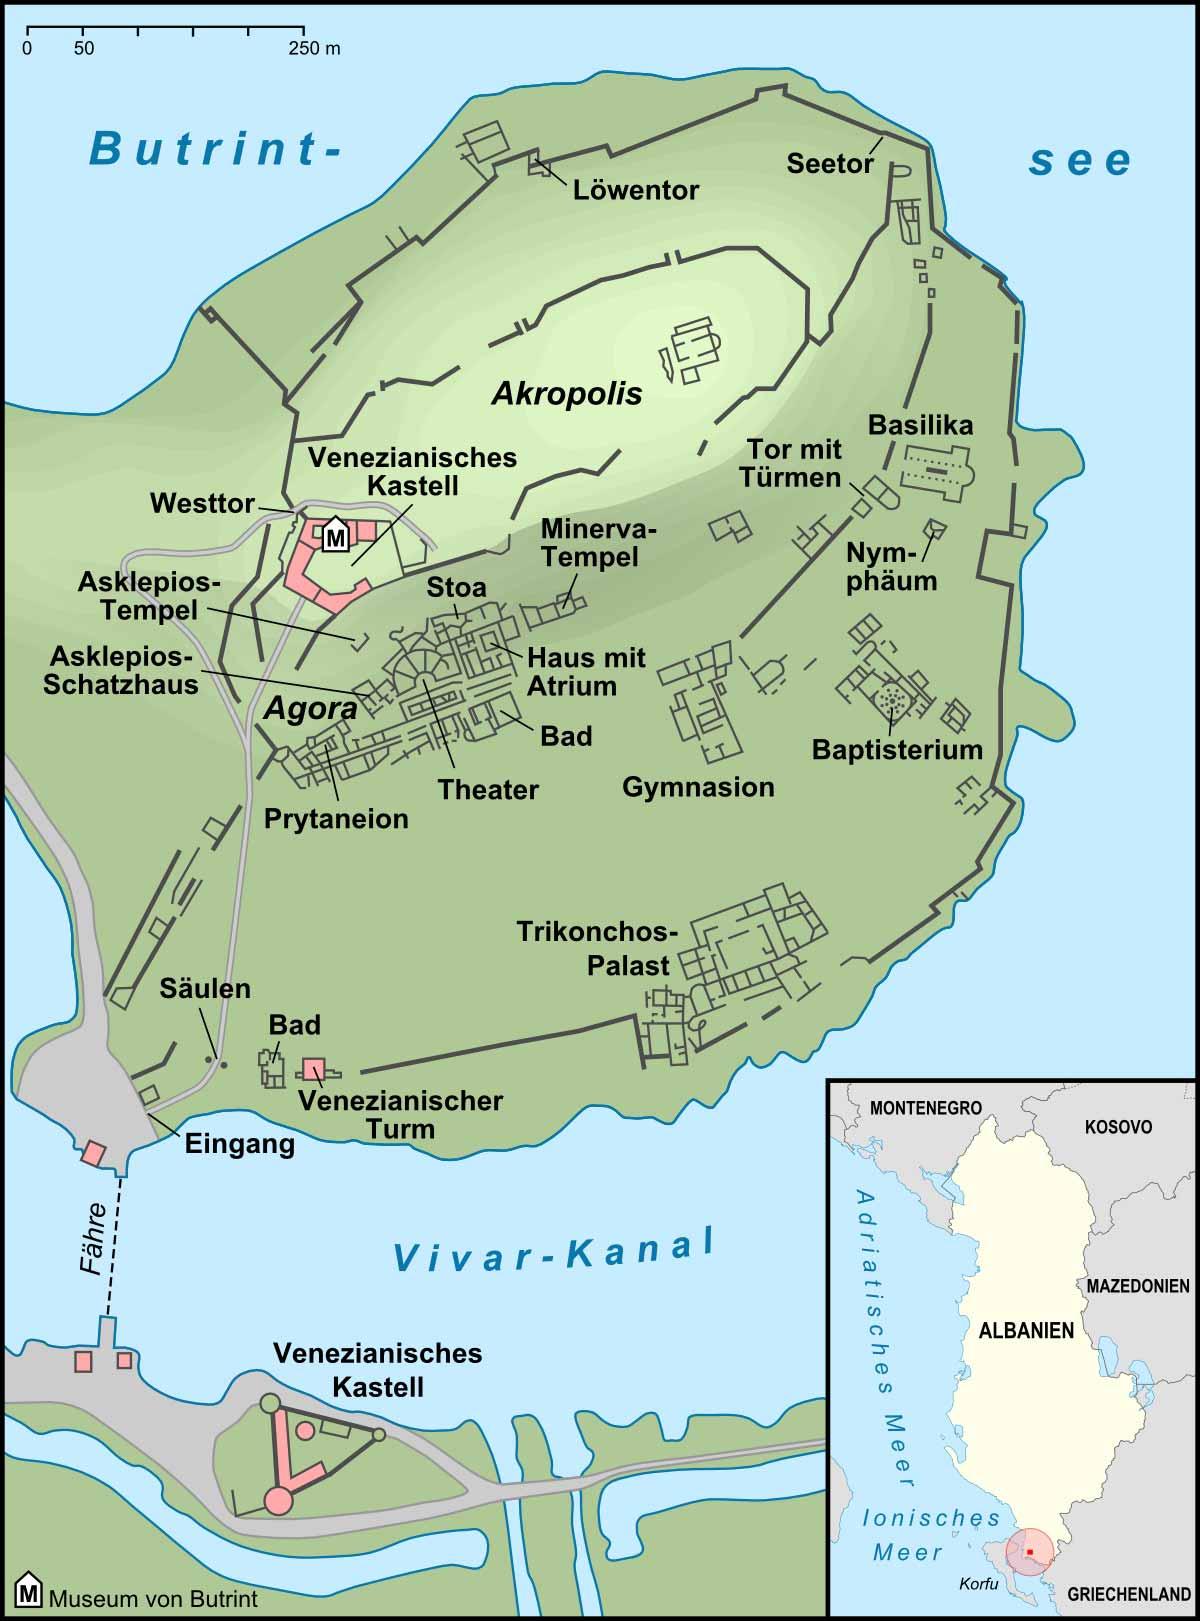 Mapa de los monumentos de Butrint